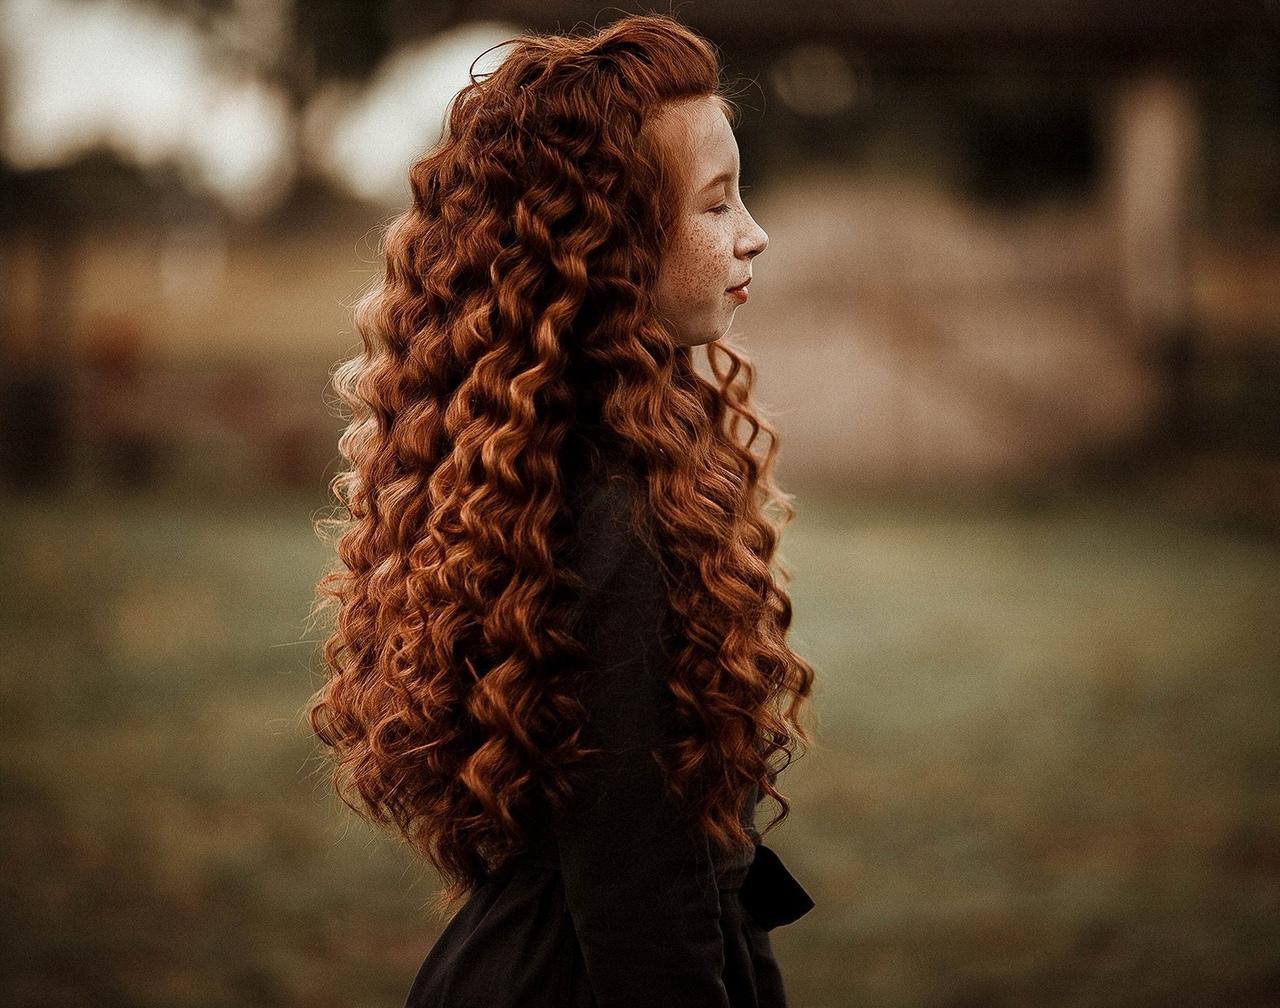 В поселке Климово выберут самую красивую девушку